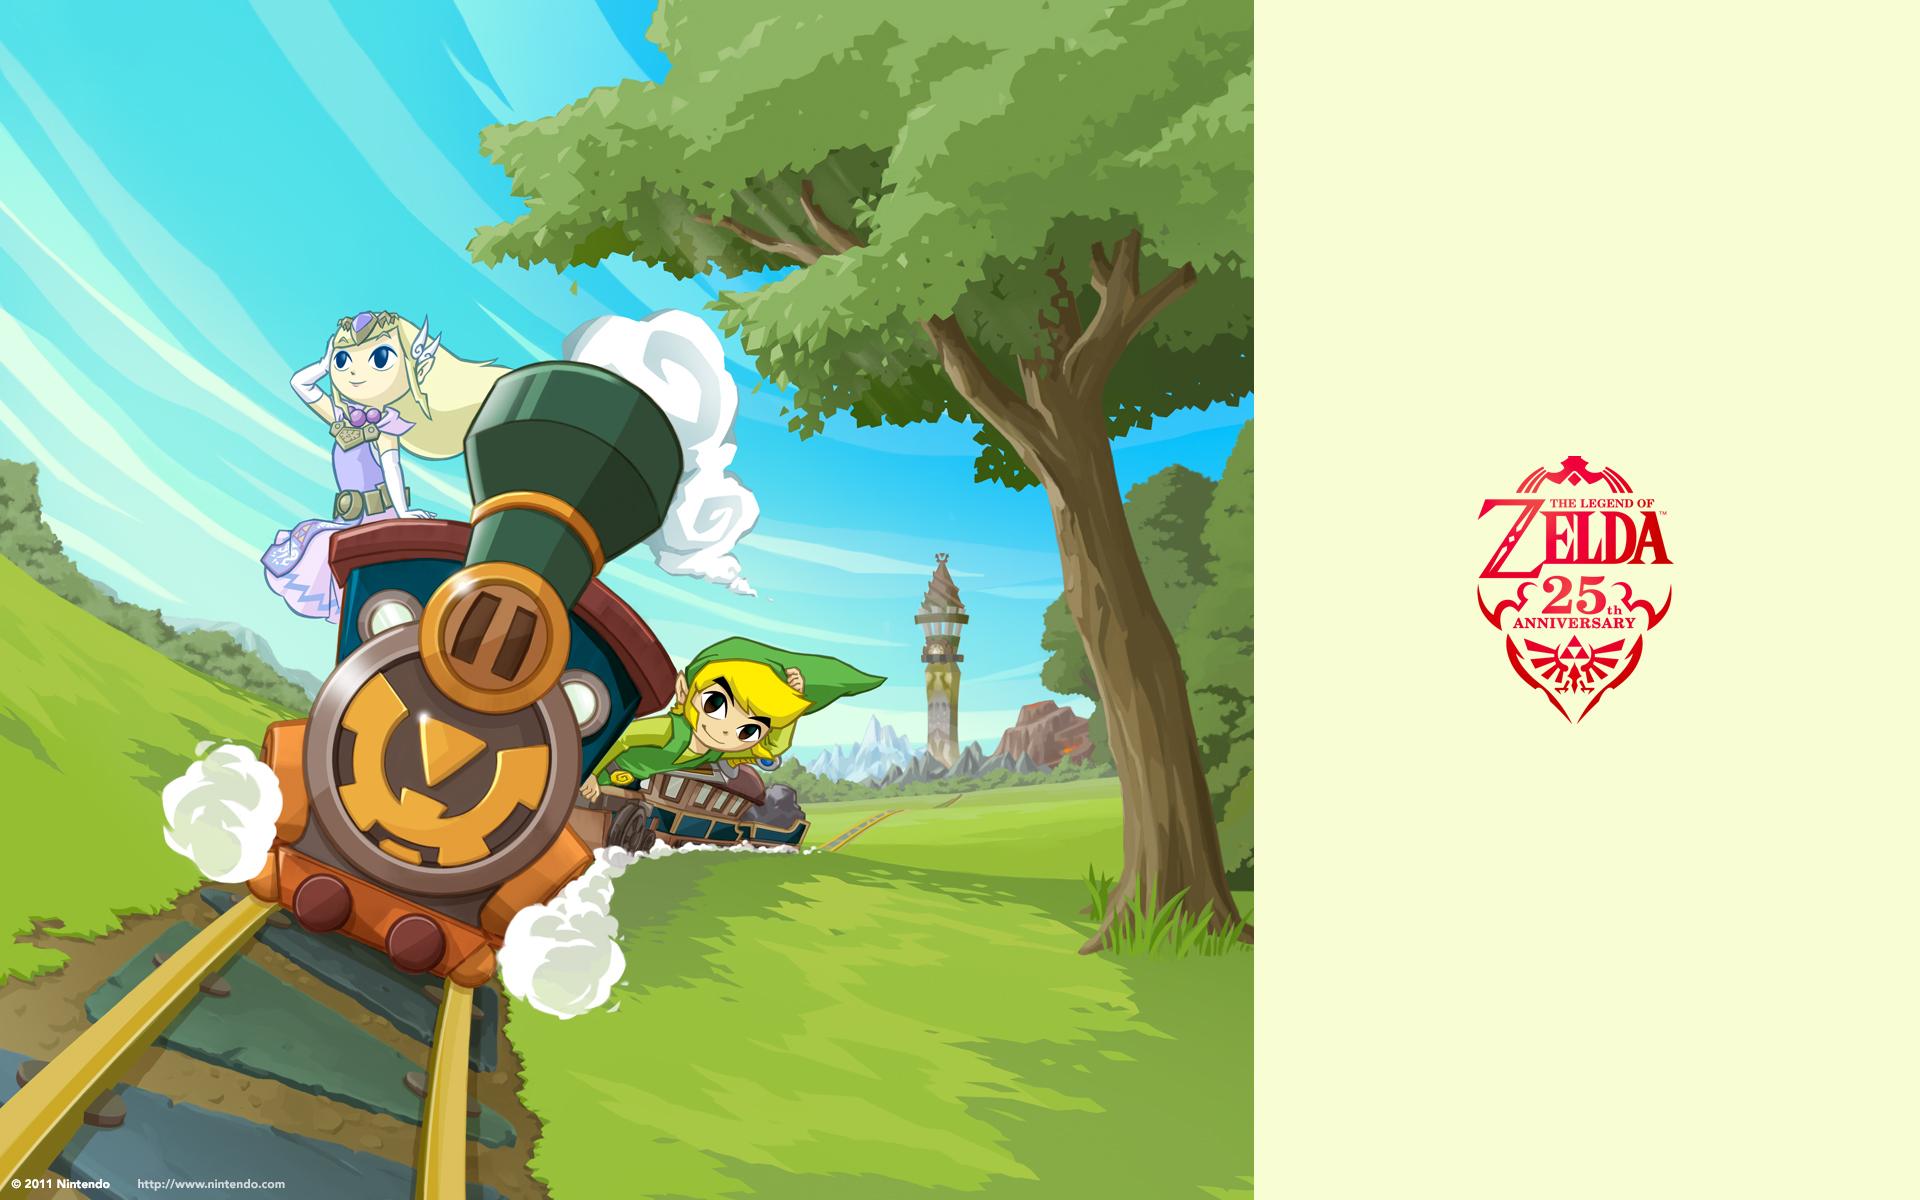 Zelda anniversary wallpapers